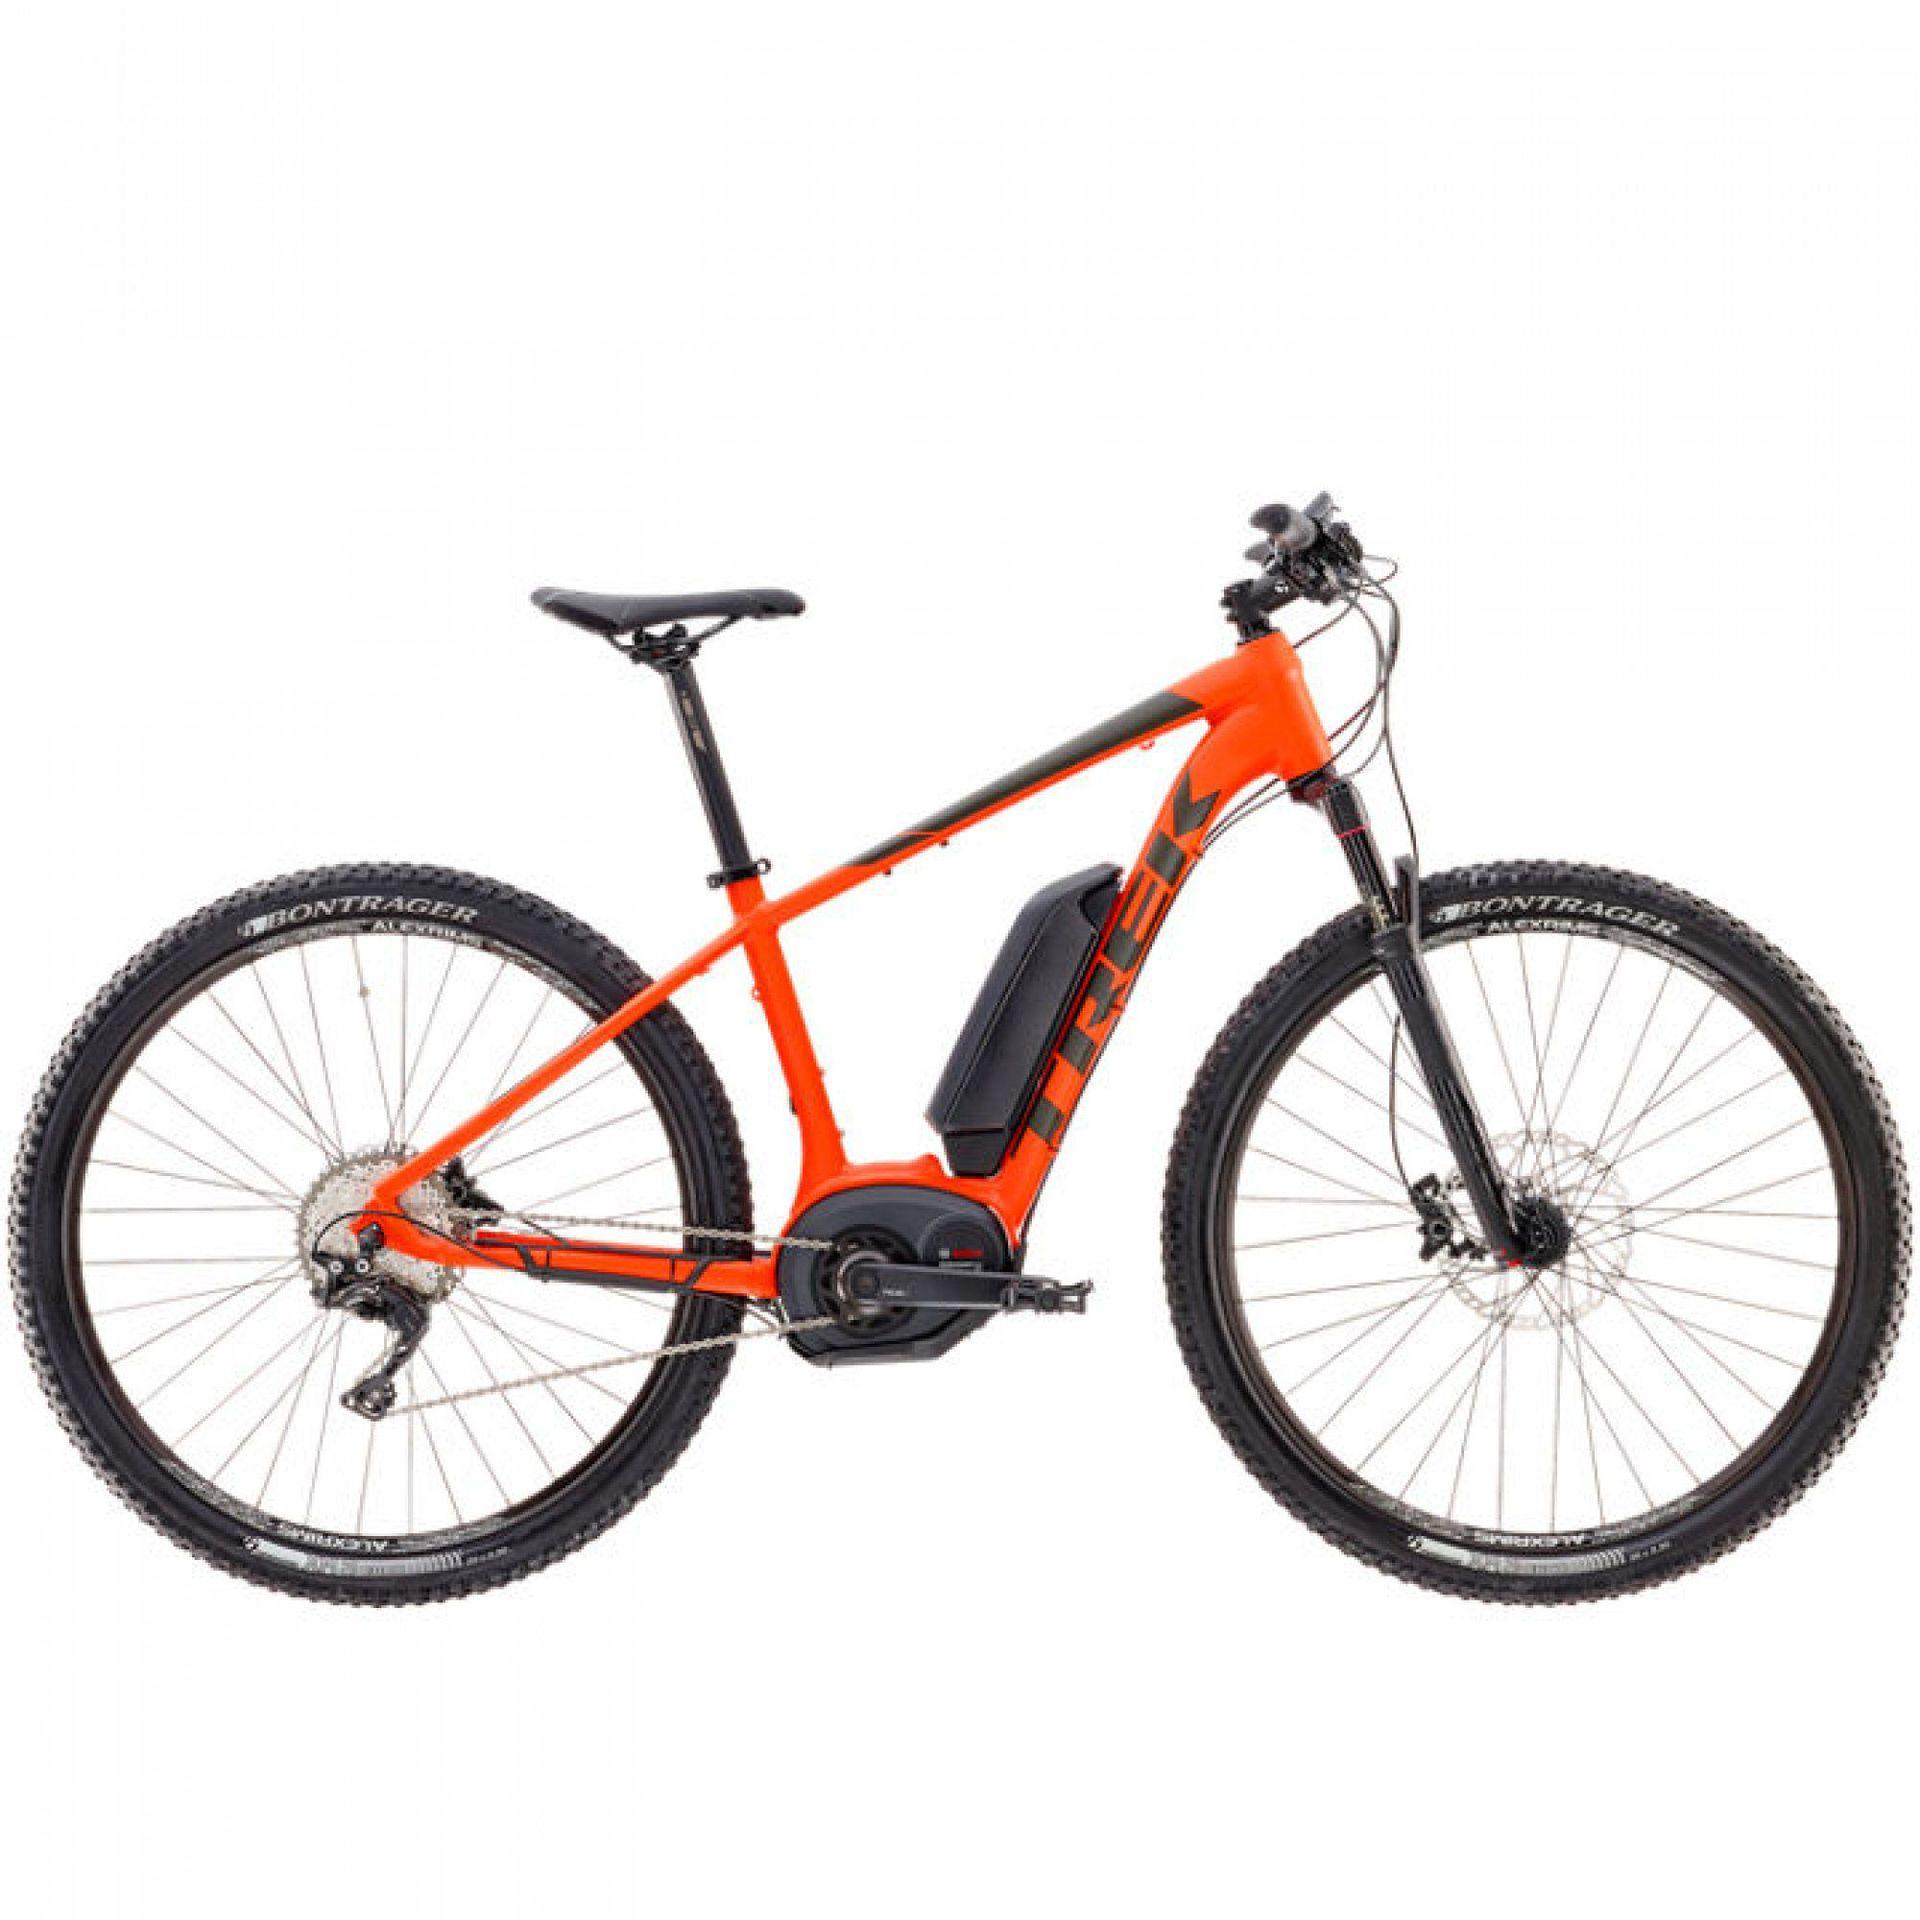 Rower Elektryczny Trek Powerfly 7 2017 Koła 29 Pomarańczowy W